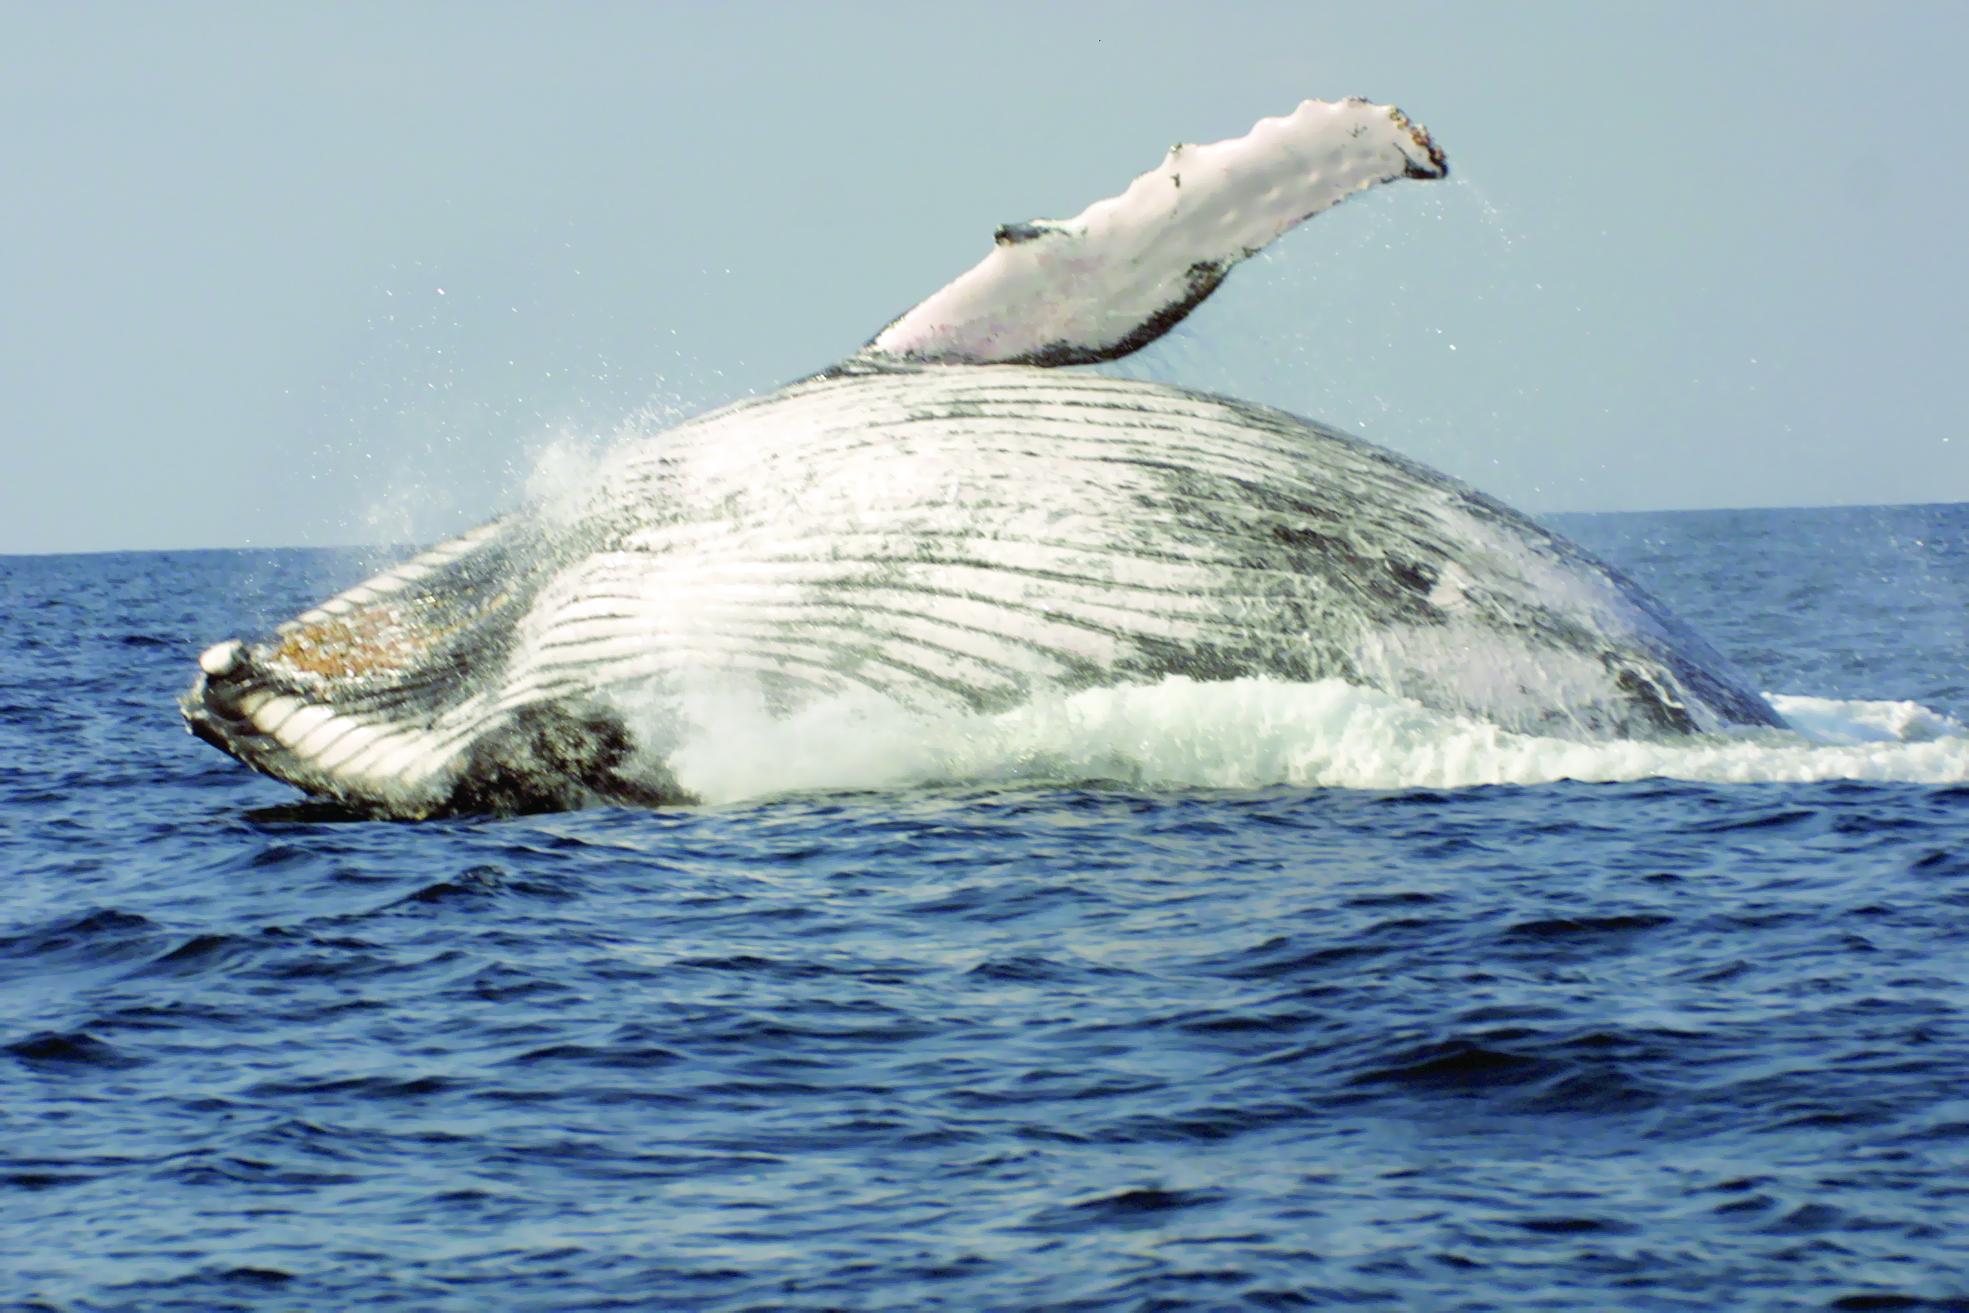 جمعية البيئة العُمانية تطلق فيلماً توعويّاً عن الحيتان الحدباء